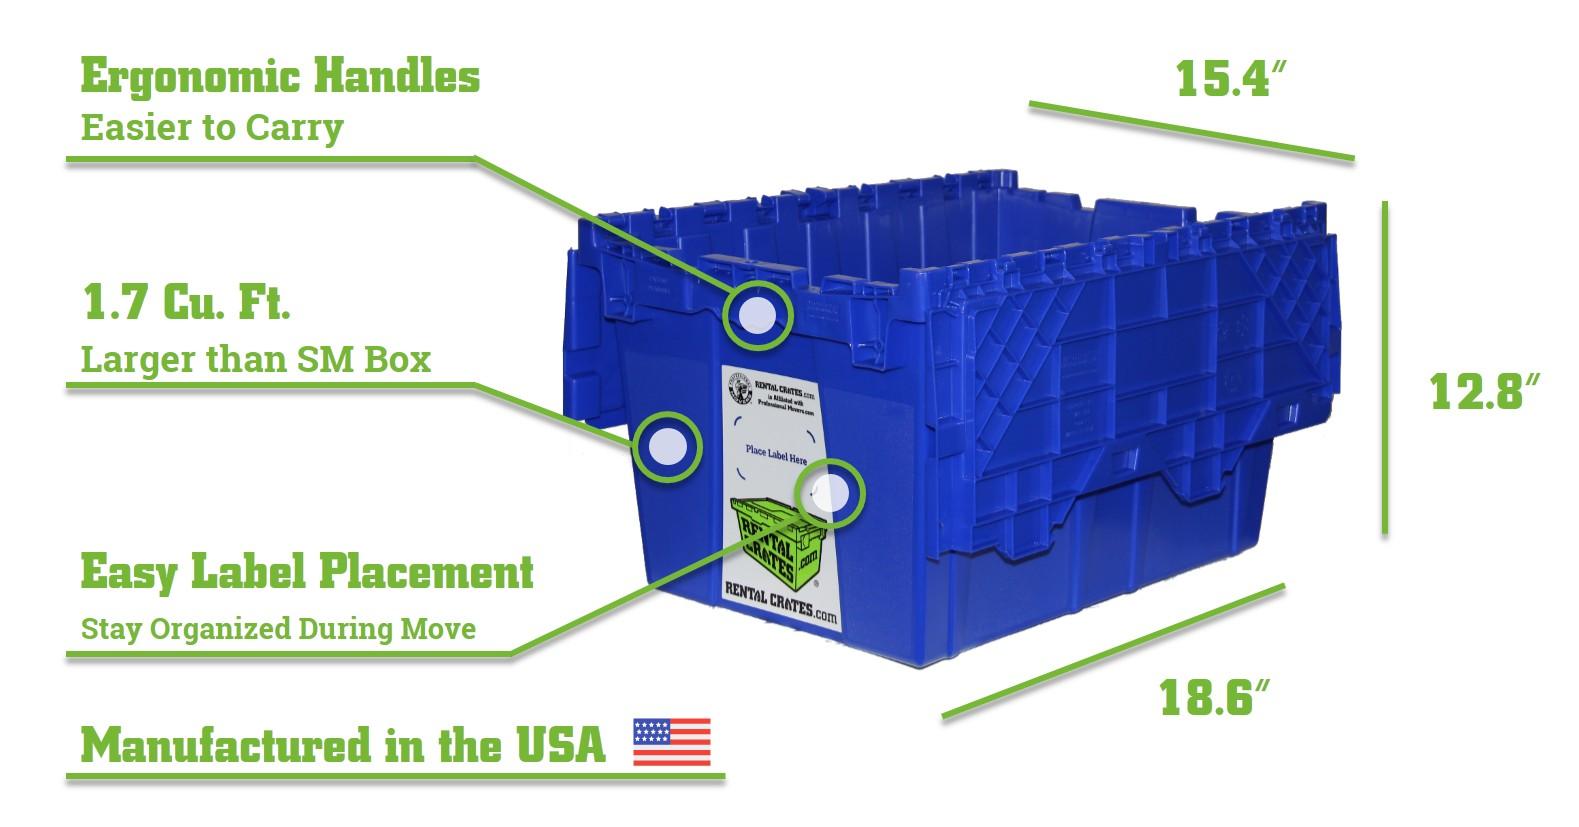 Medium Rental Crate Demensions